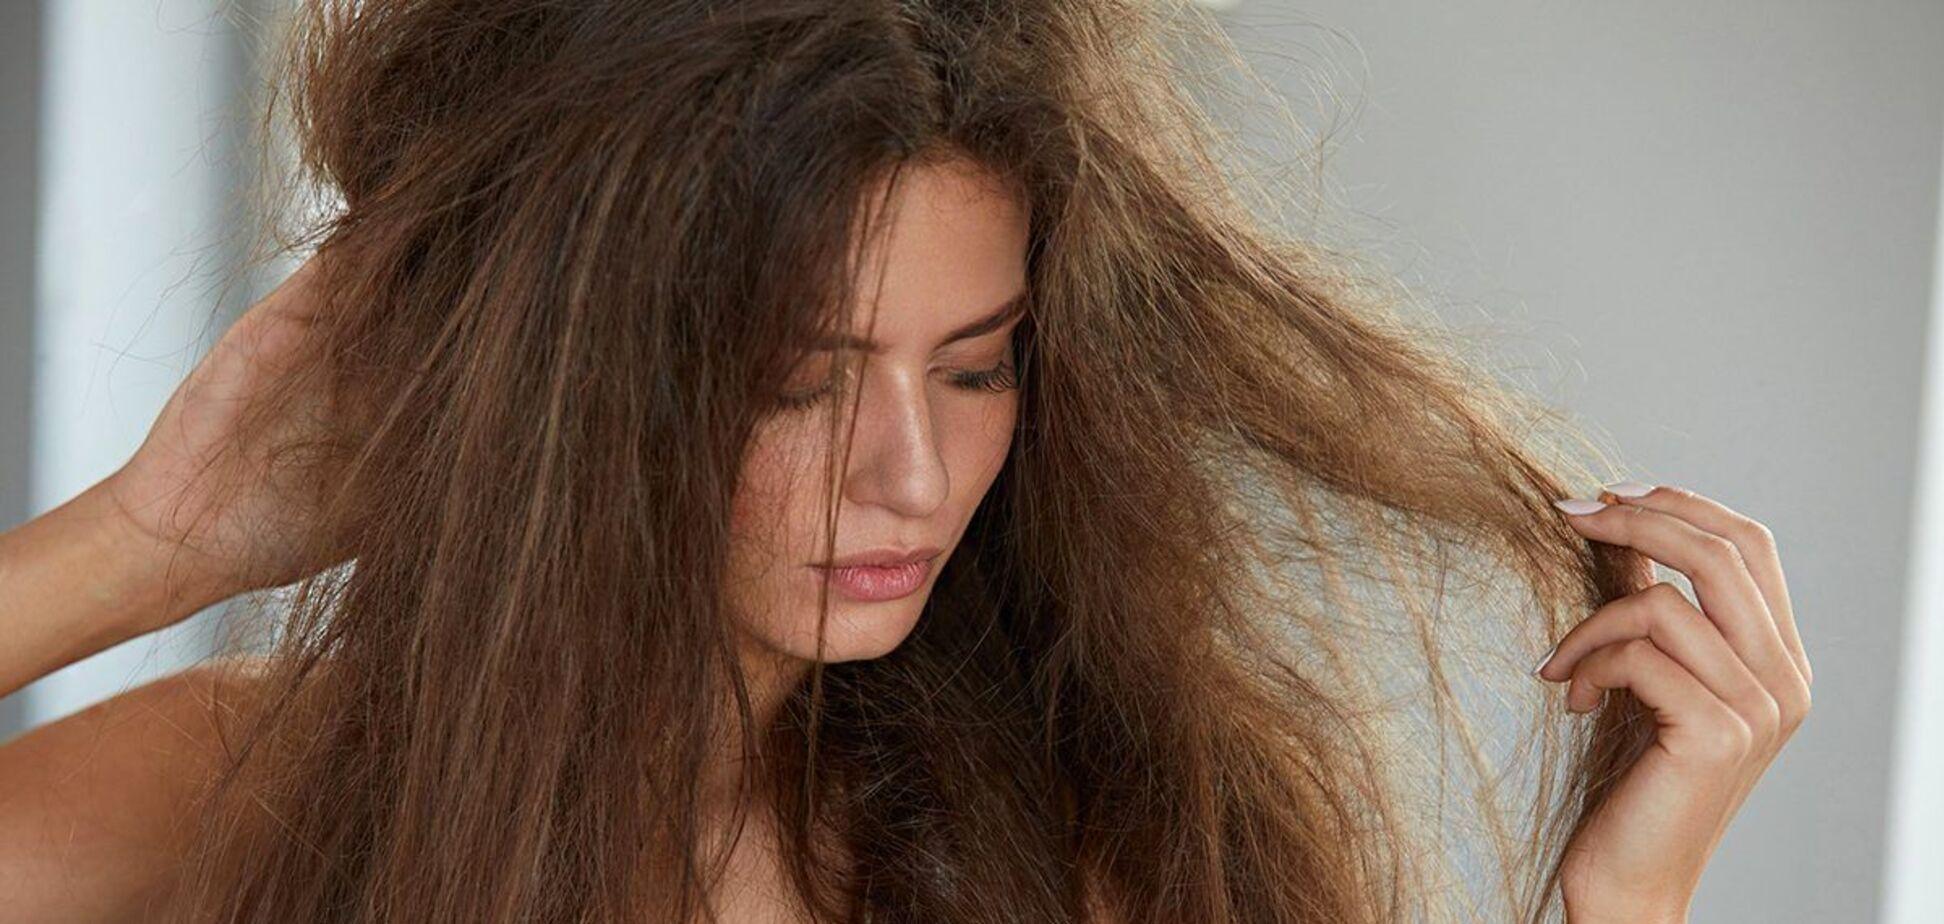 Названы распространенные привычки, которые вредят волосам